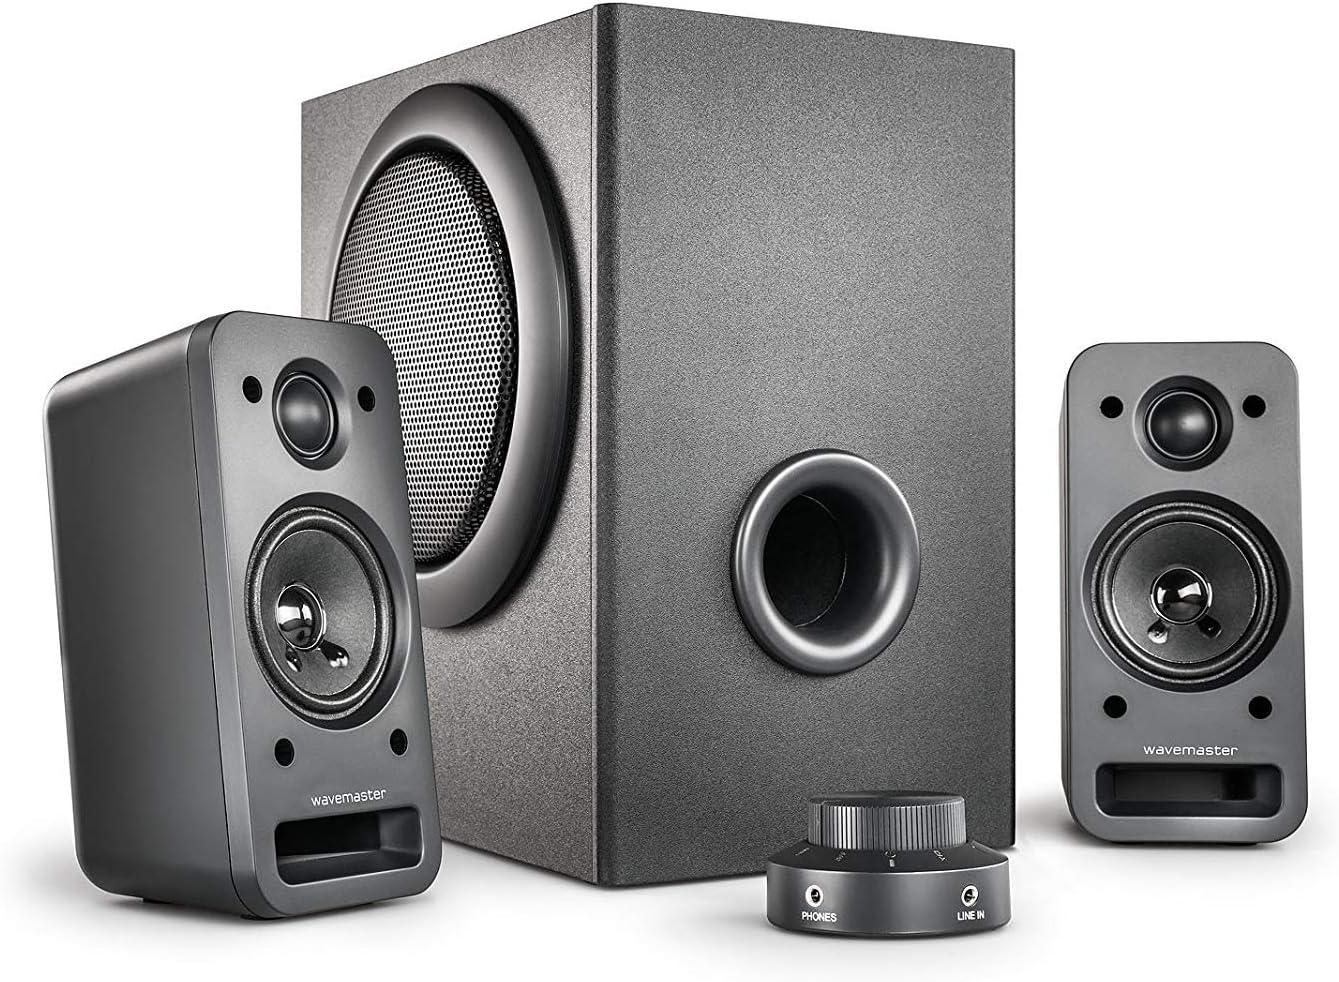 Wavemaster Mx3 2 1 Lautsprecher System 50 Watt Aktiv Boxen Für Tv Tablet Smartphone Pc Schwarz 66503 Audio Hifi